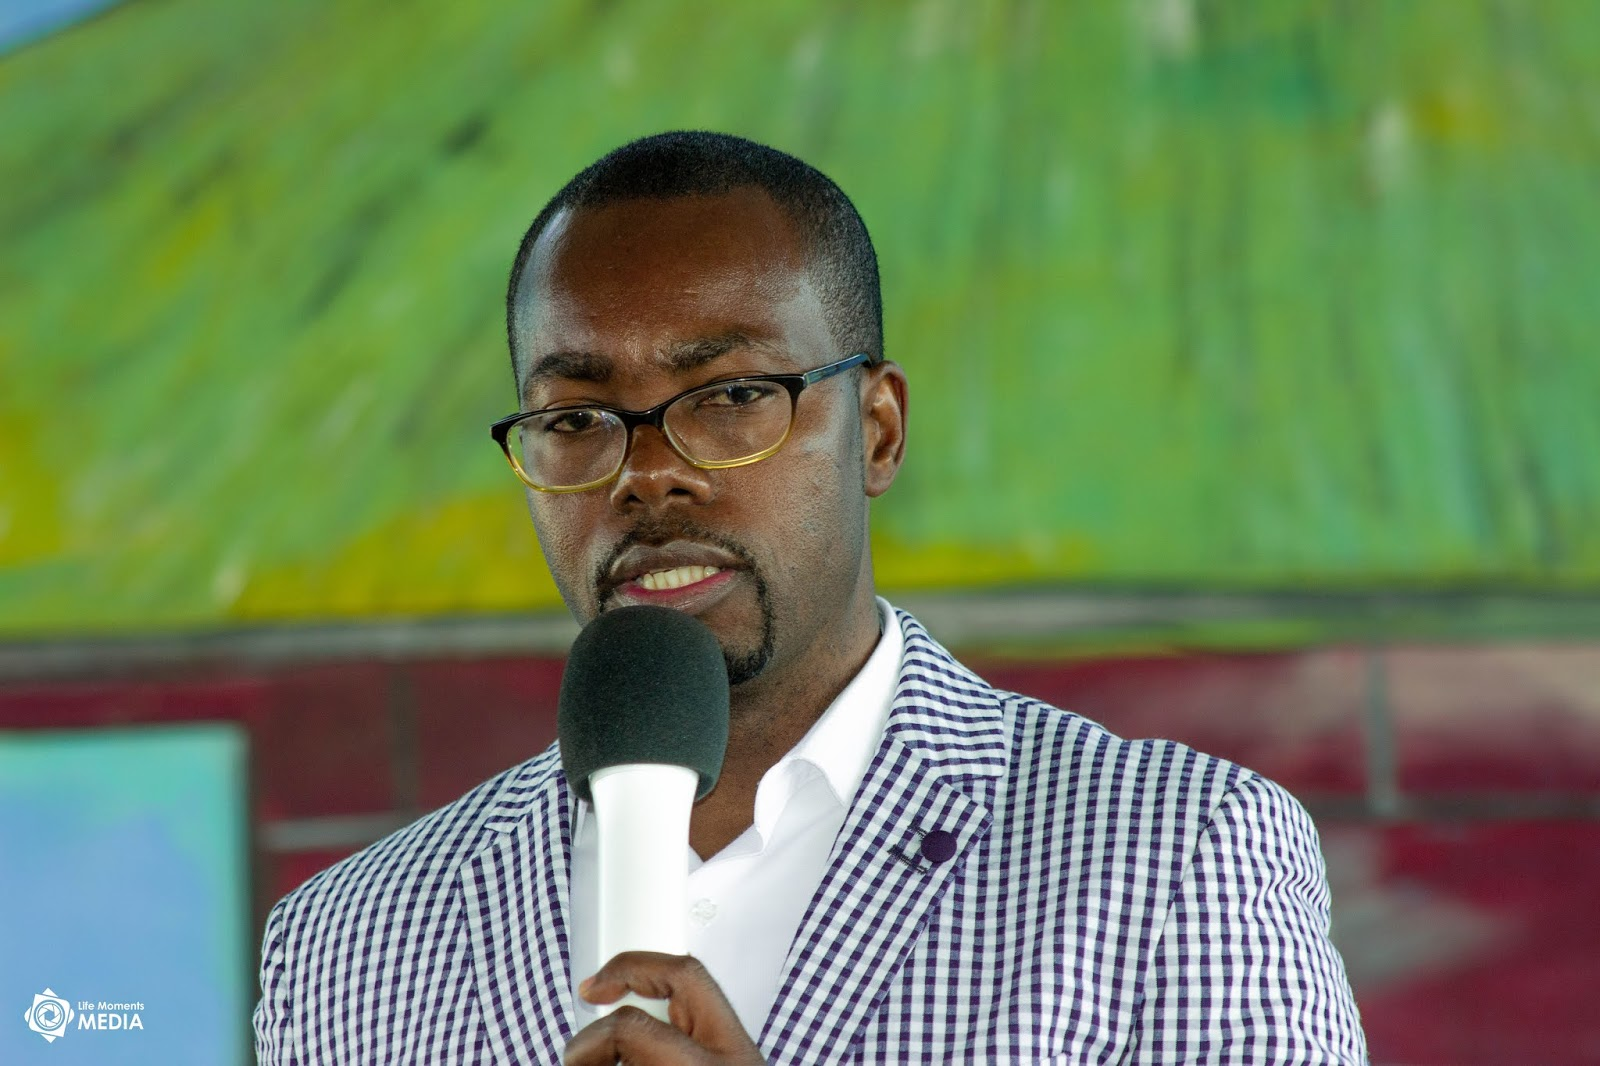 Catching The Spirit Of The Vison with Apostle Shiloh Masiyenyama